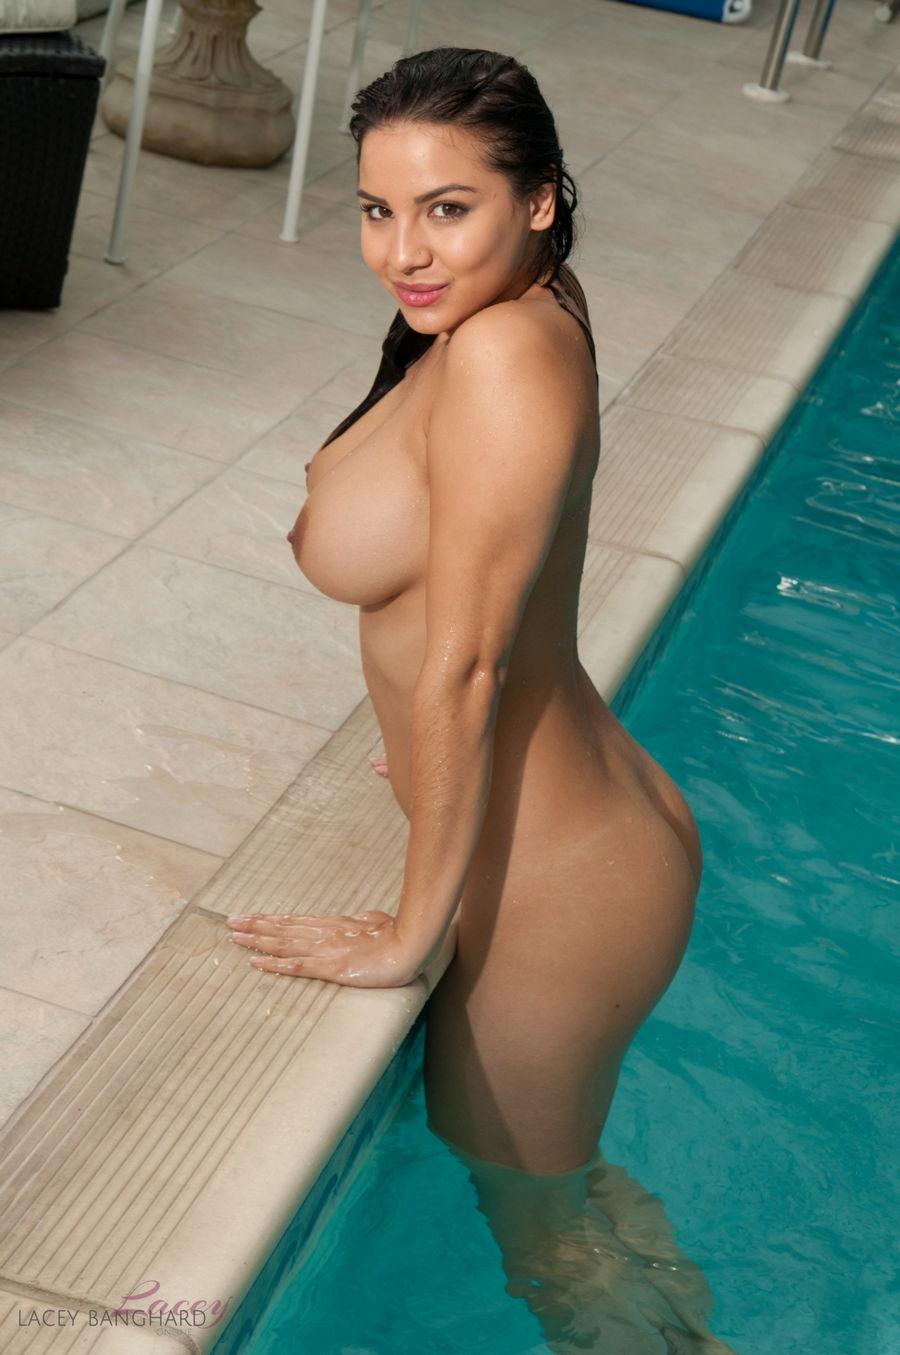 Lacey Banghard Naked Pics